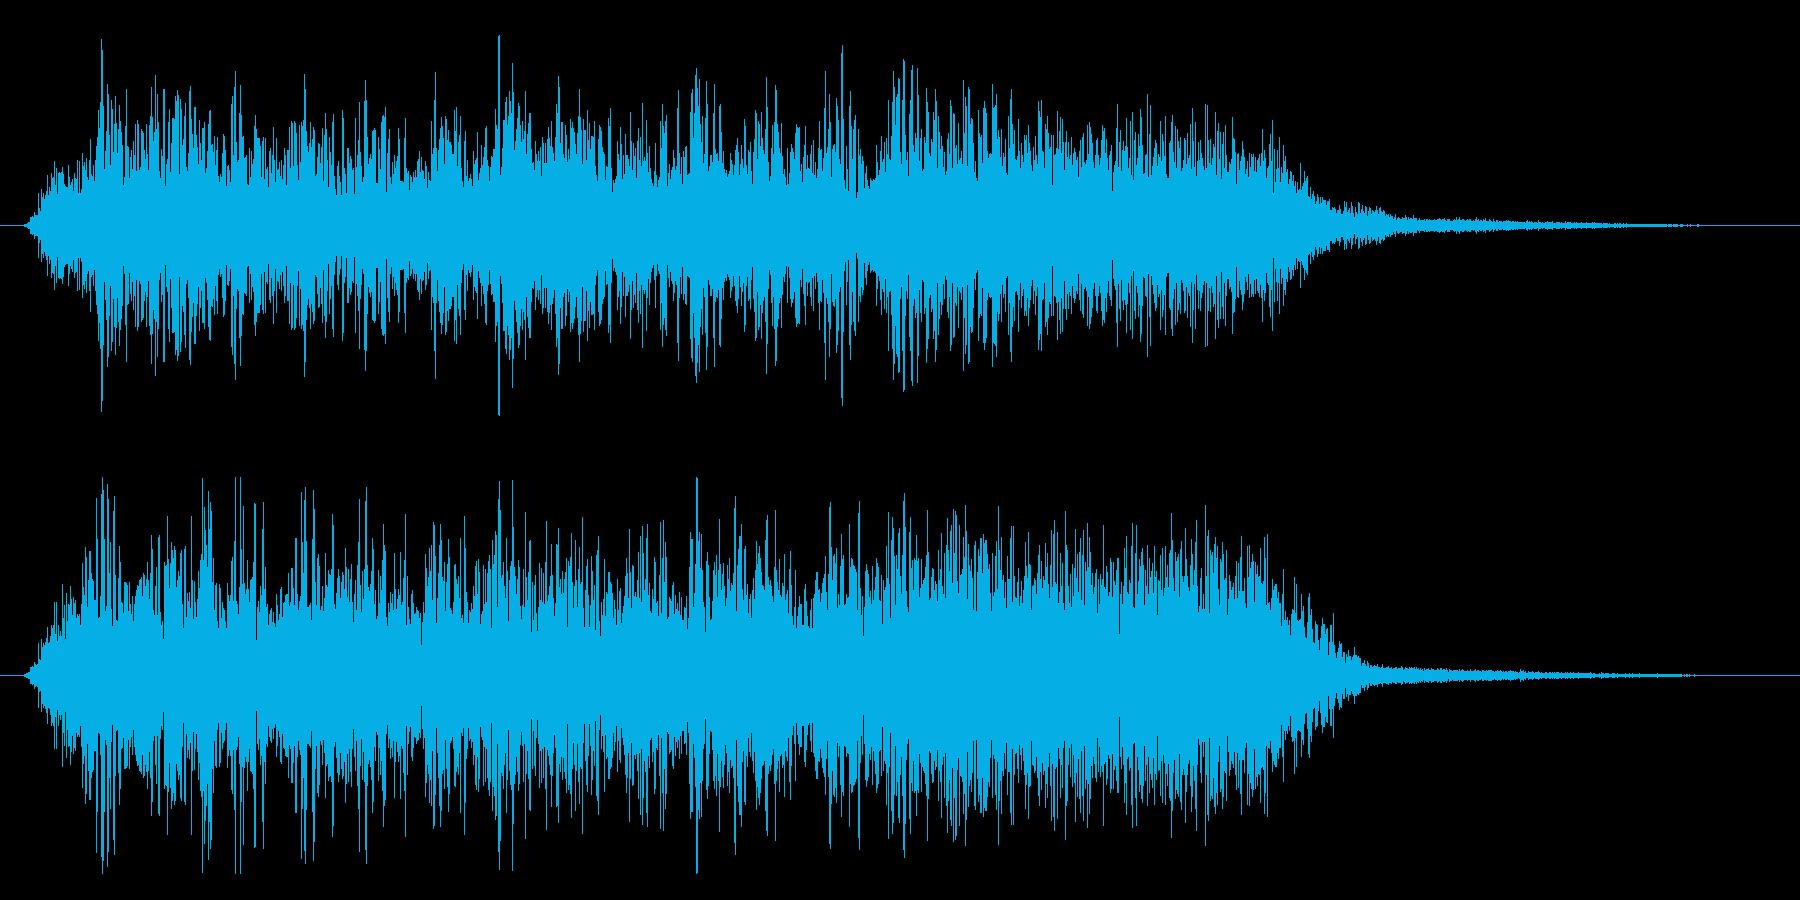 メタル/ハードロック/ジングル/場面転換の再生済みの波形